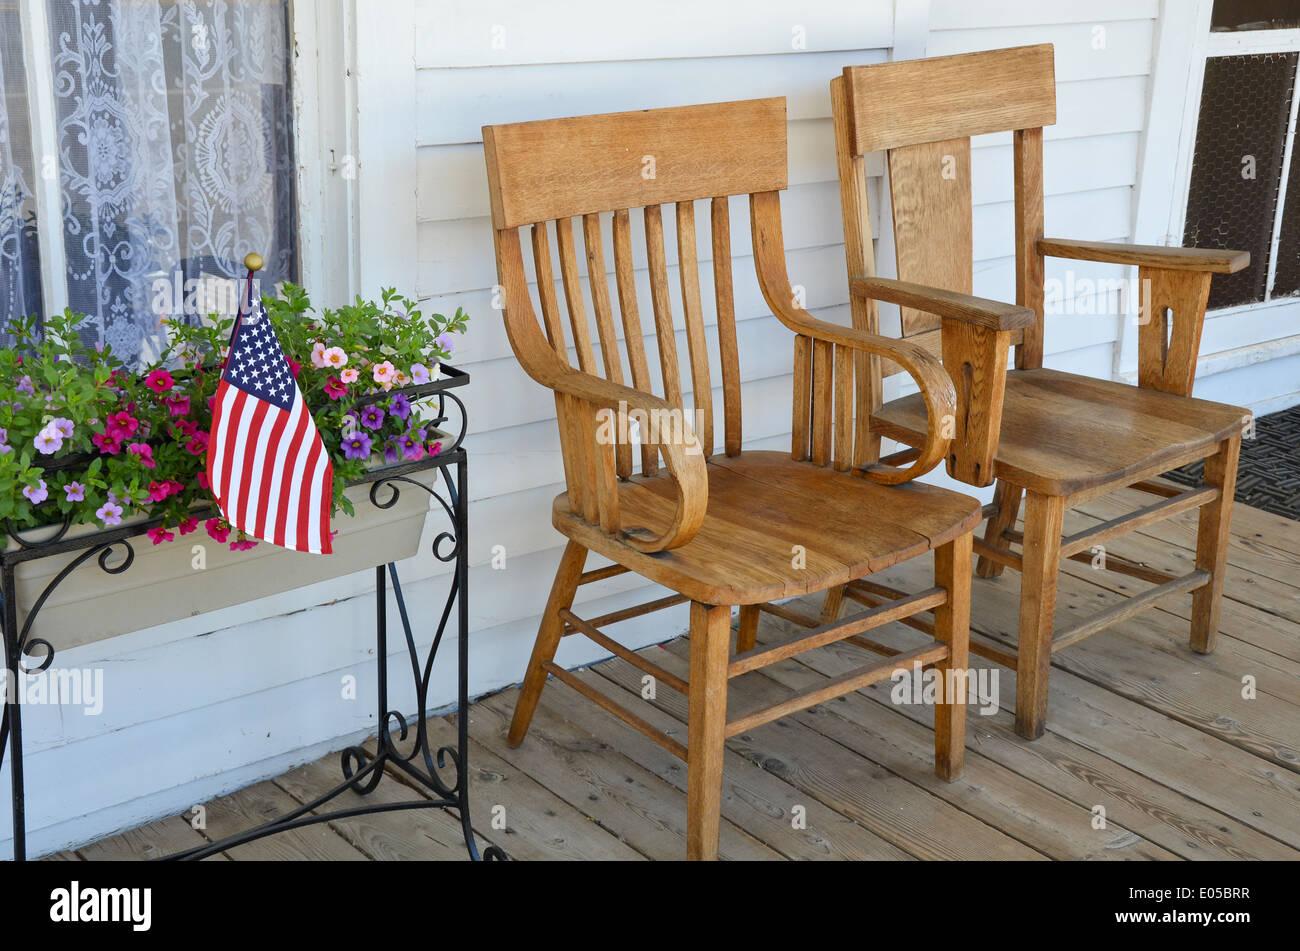 Sedie Americane Da Giardino.Poltrone Da Giardino In Legno Americane Sedie Da Esterno In Legno